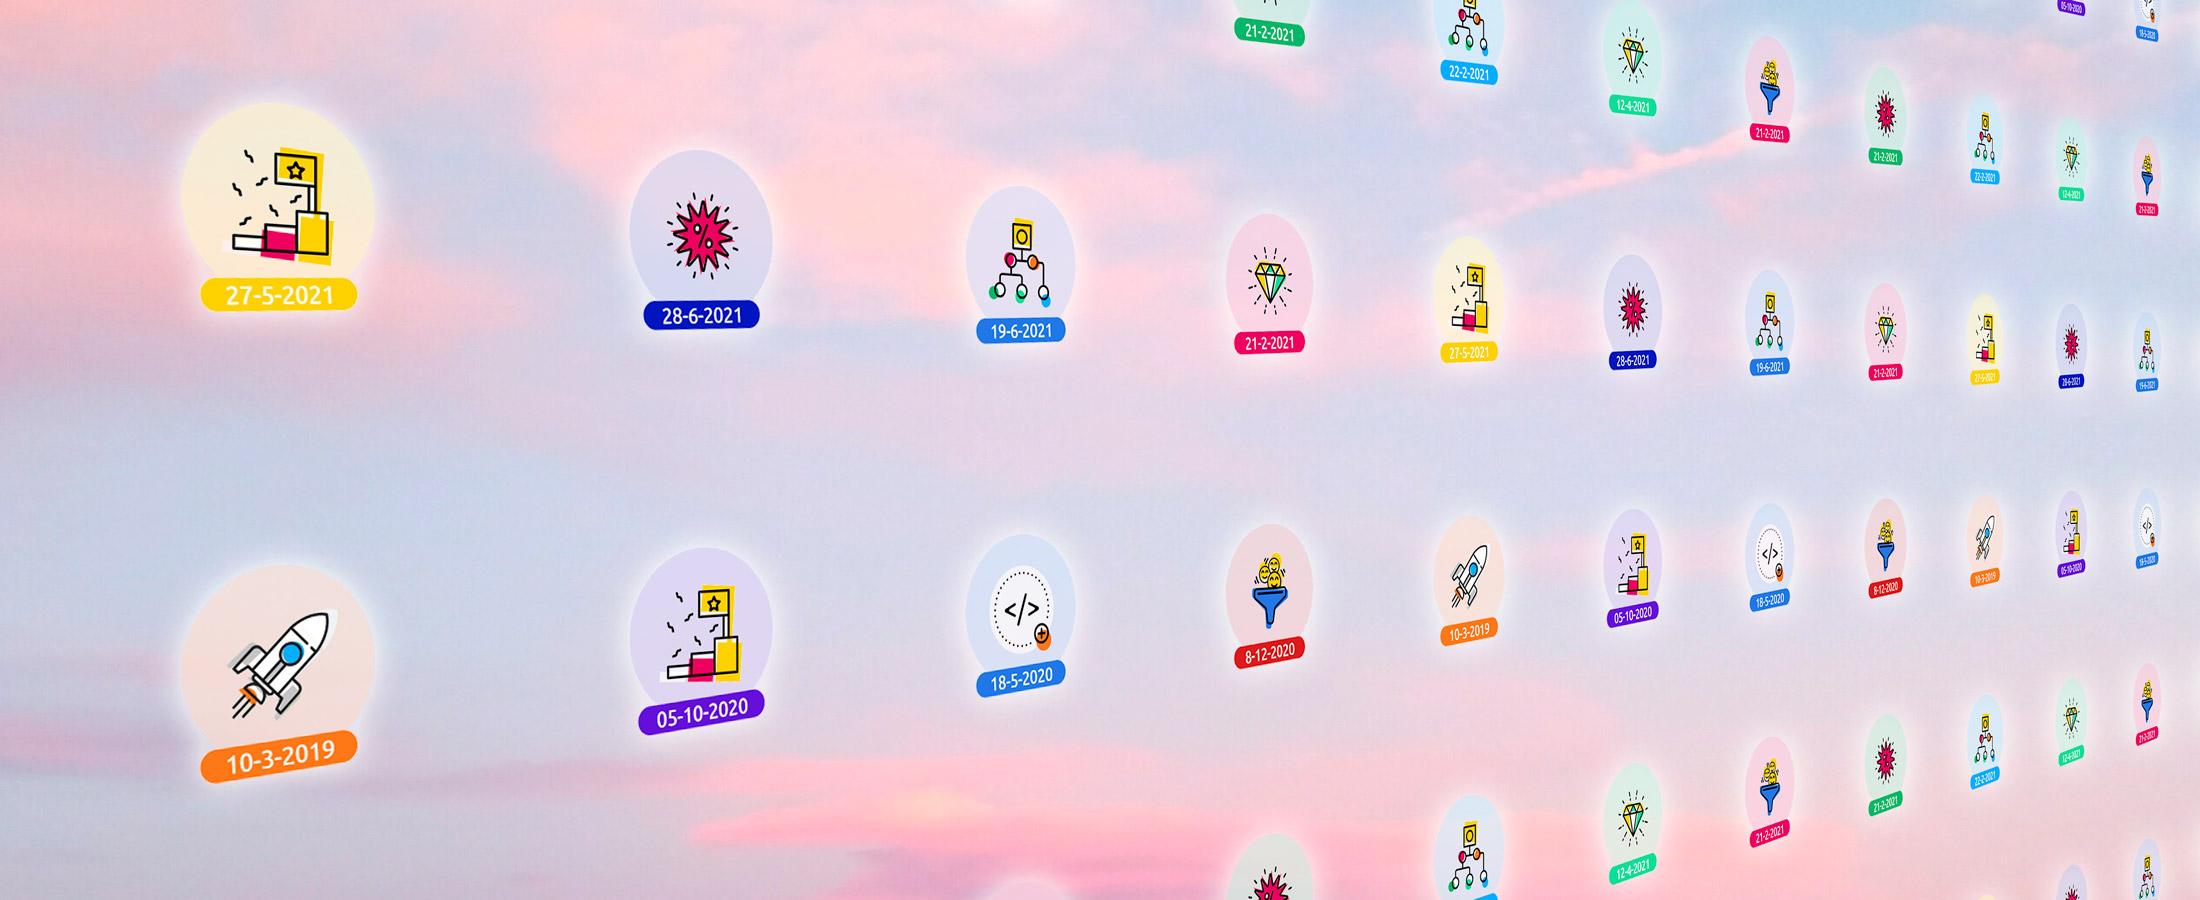 CompanyMatch introduceert Badges bij het sneller vinden van nieuw personeel